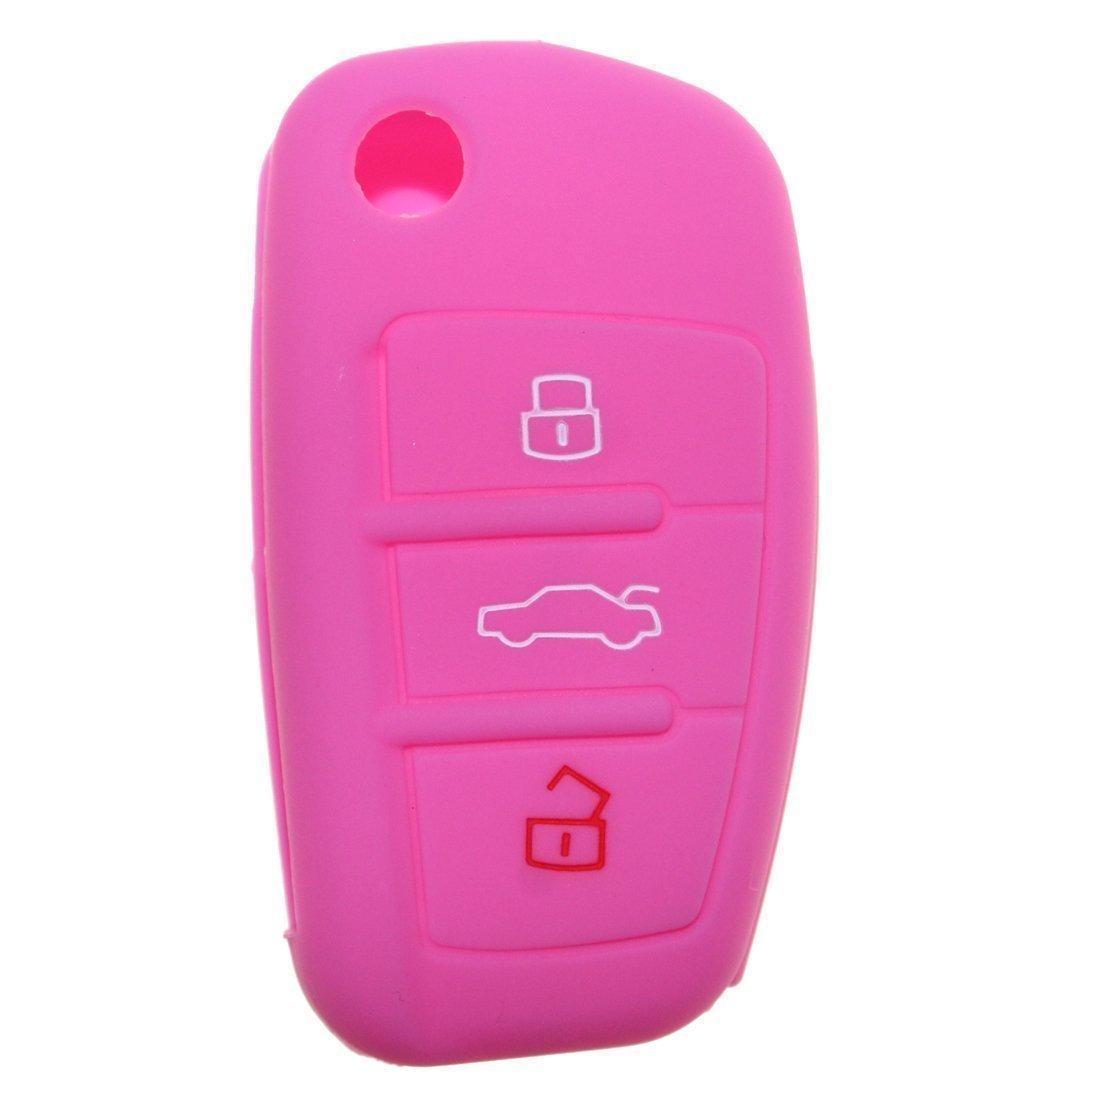 Silicona Key Cover Case Carcasa Seat Llave de llave fija (con aislamiento funda para klapps chlu Essel Carcasa Llave para llaves 3 botones for Audi 1pc color rosa tuqiang TQ-32115